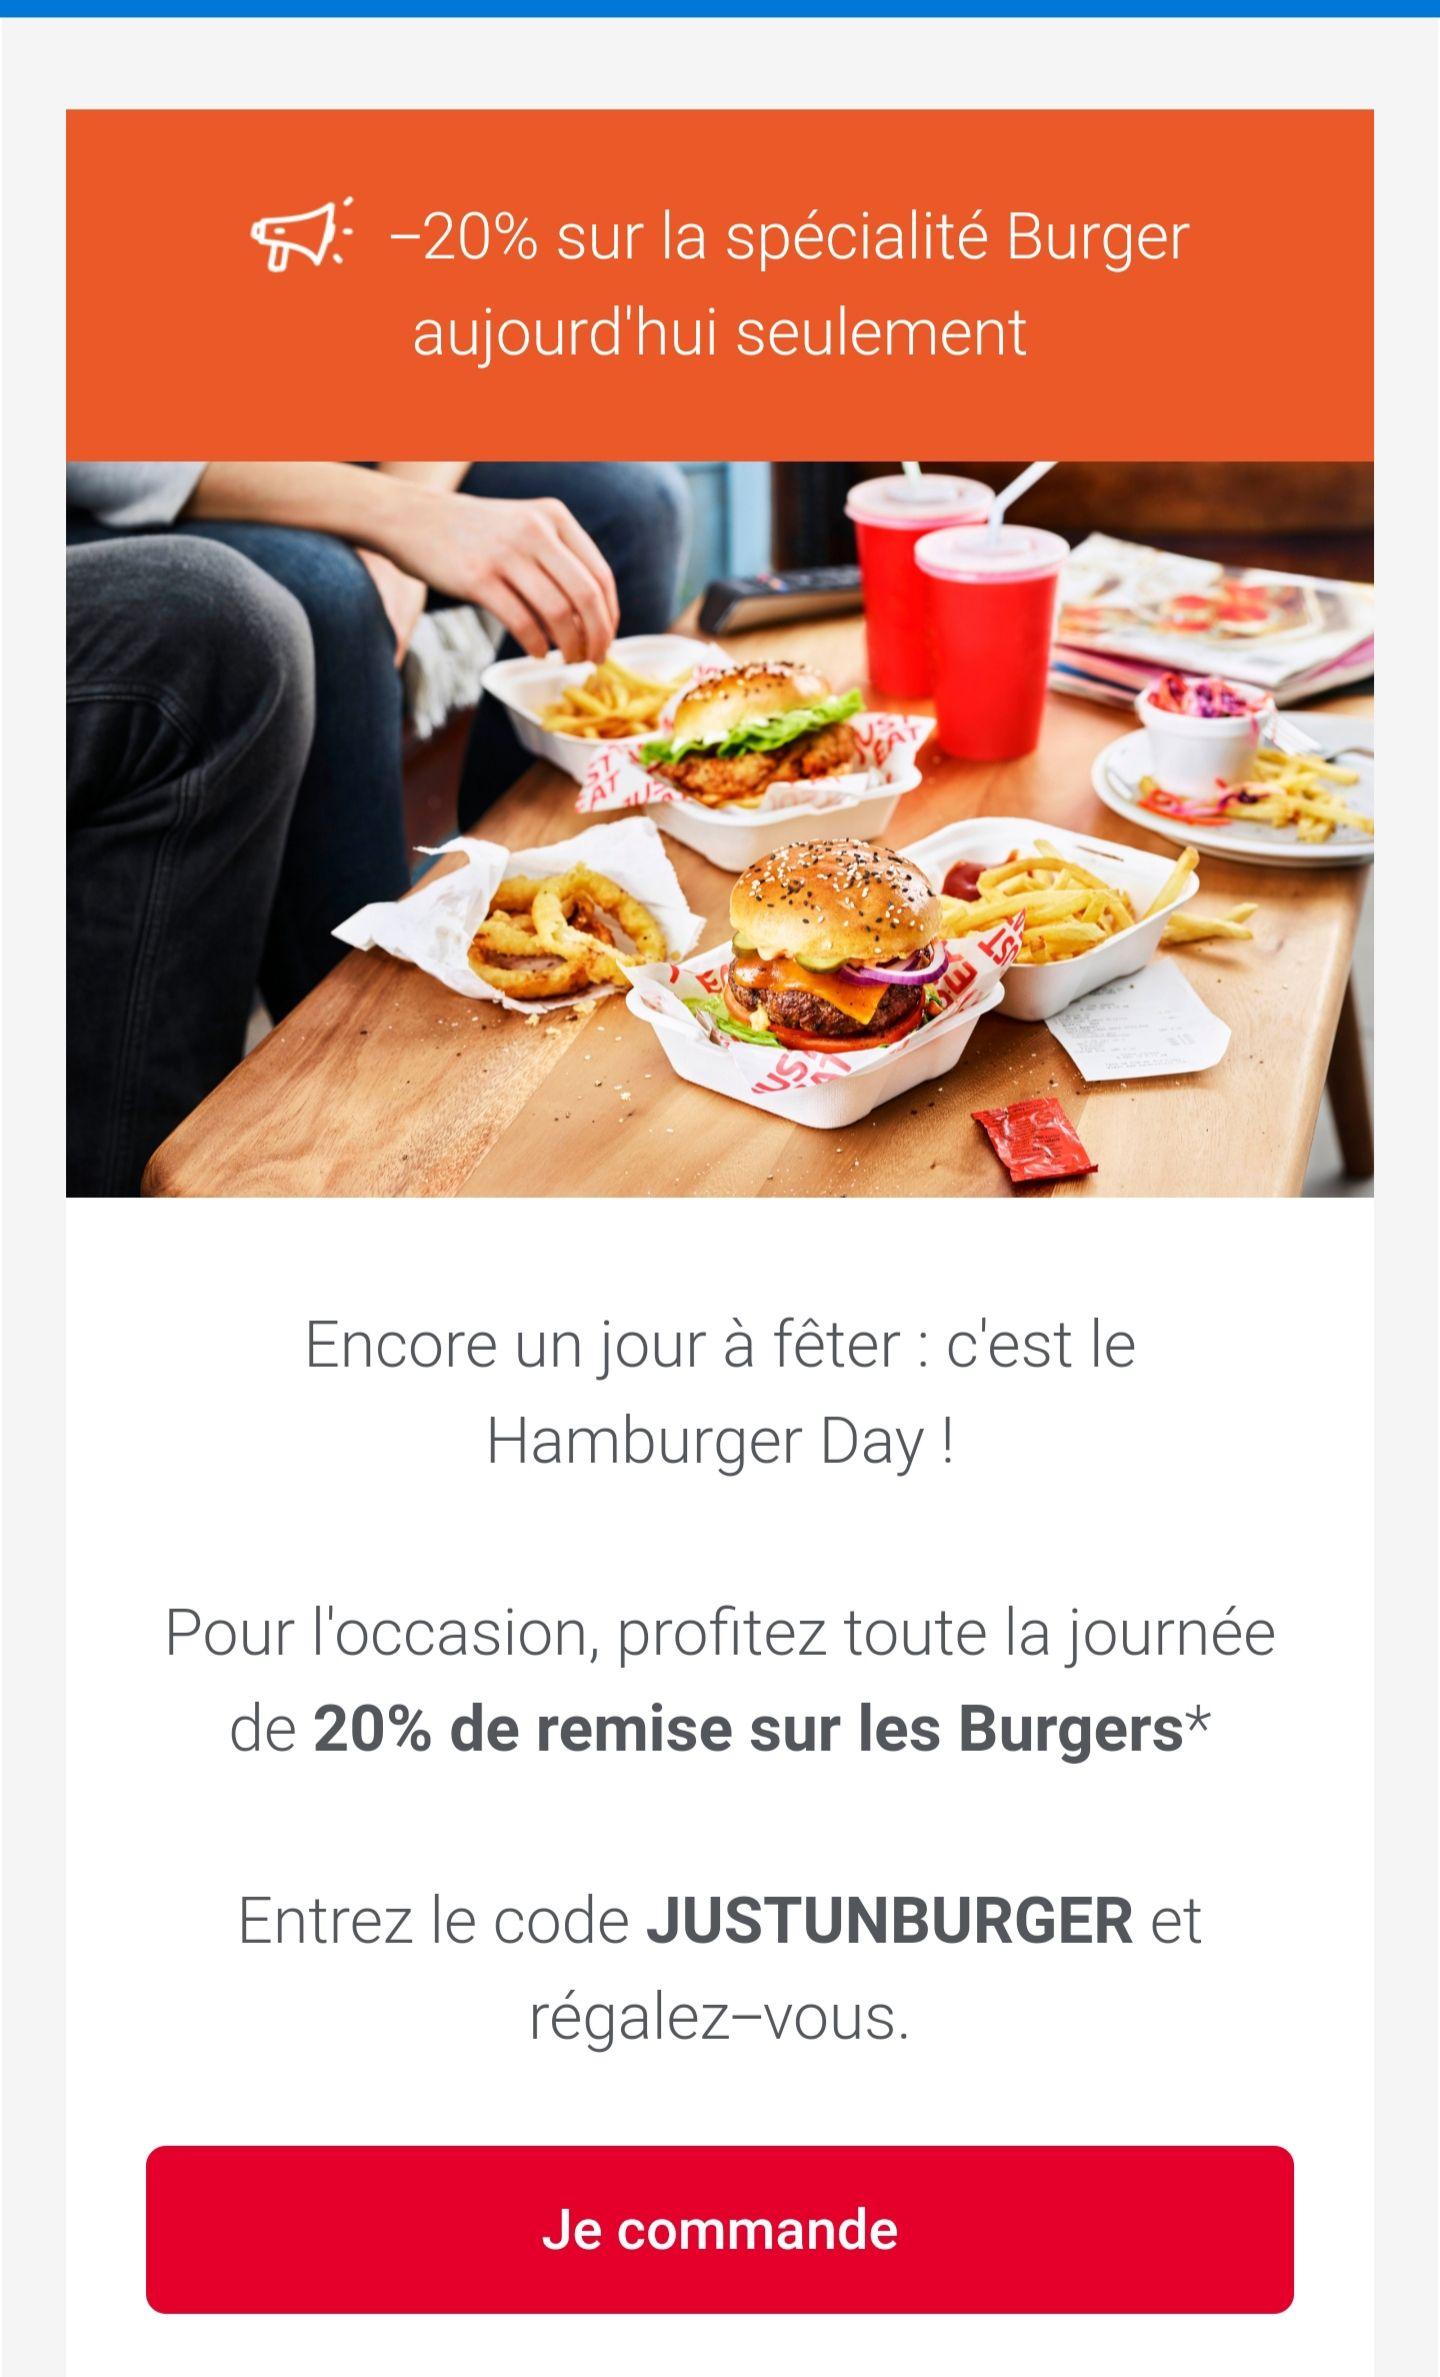 20% de remise sur les burgers